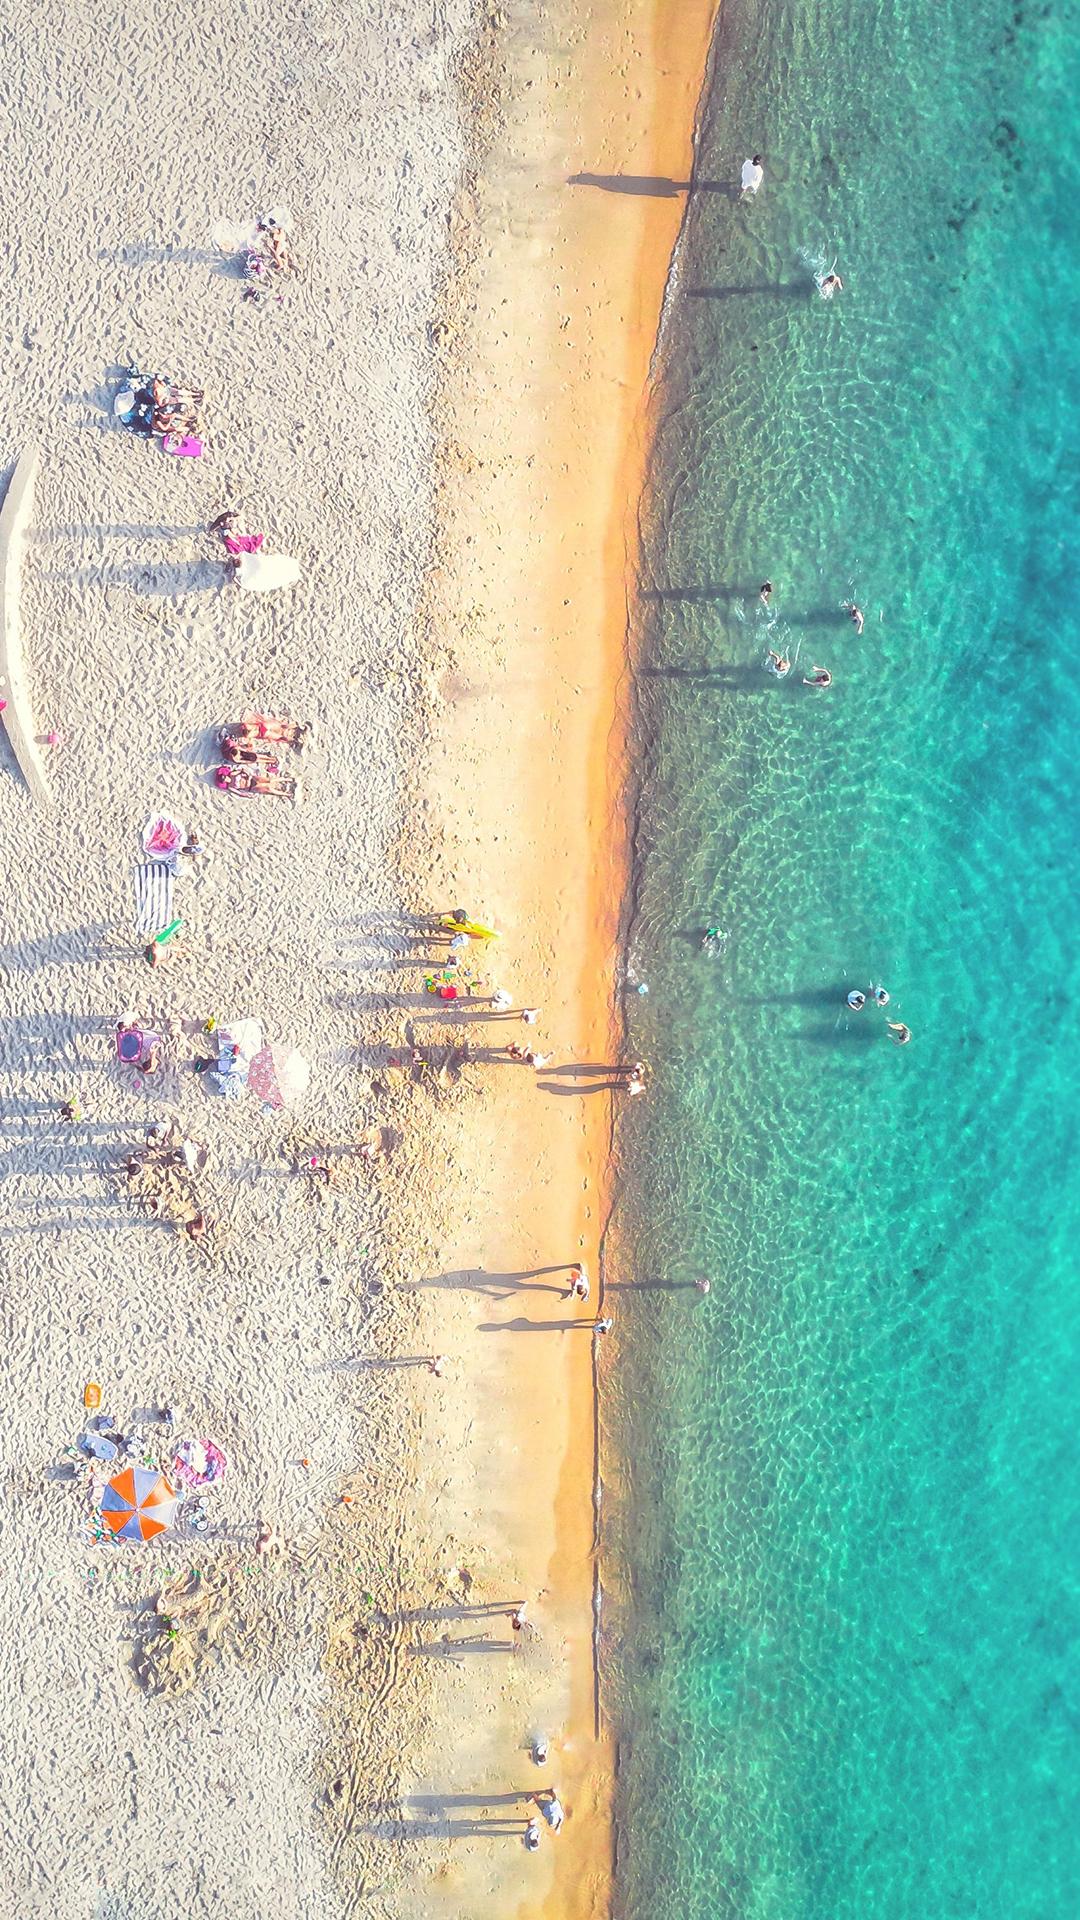 aerial view of clear beach